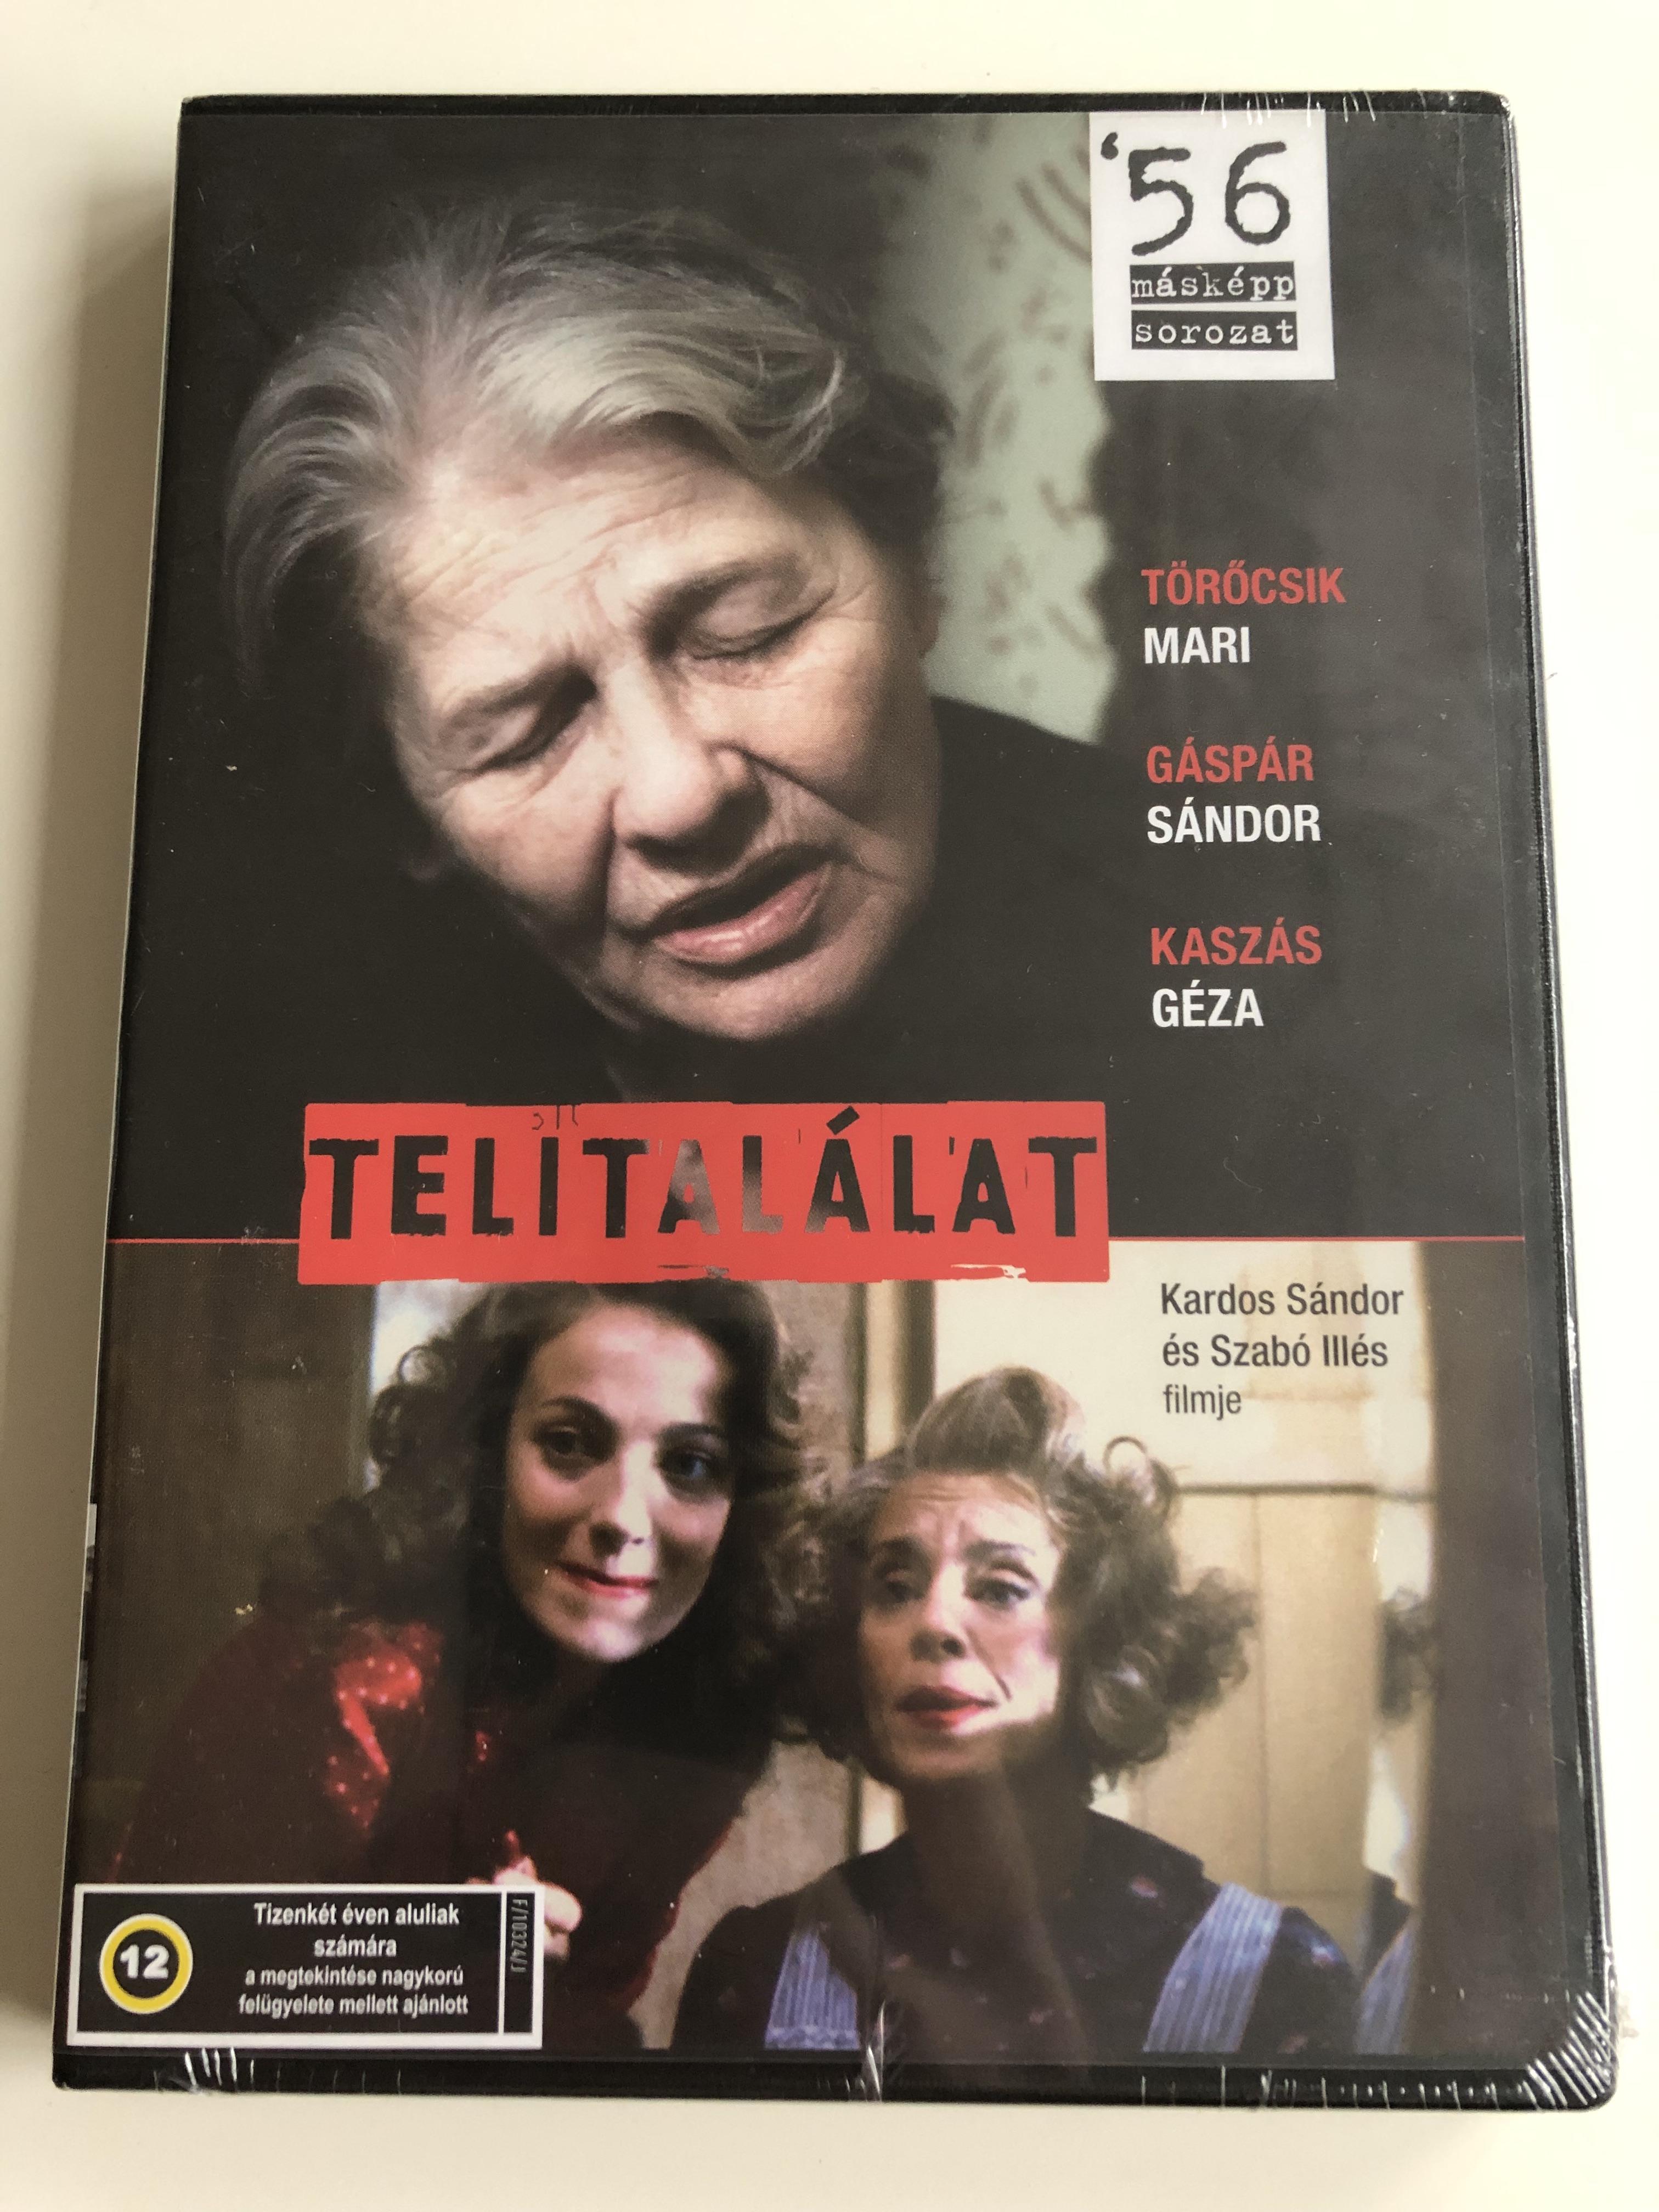 telitala-lat-dvdimg-18311.jpg